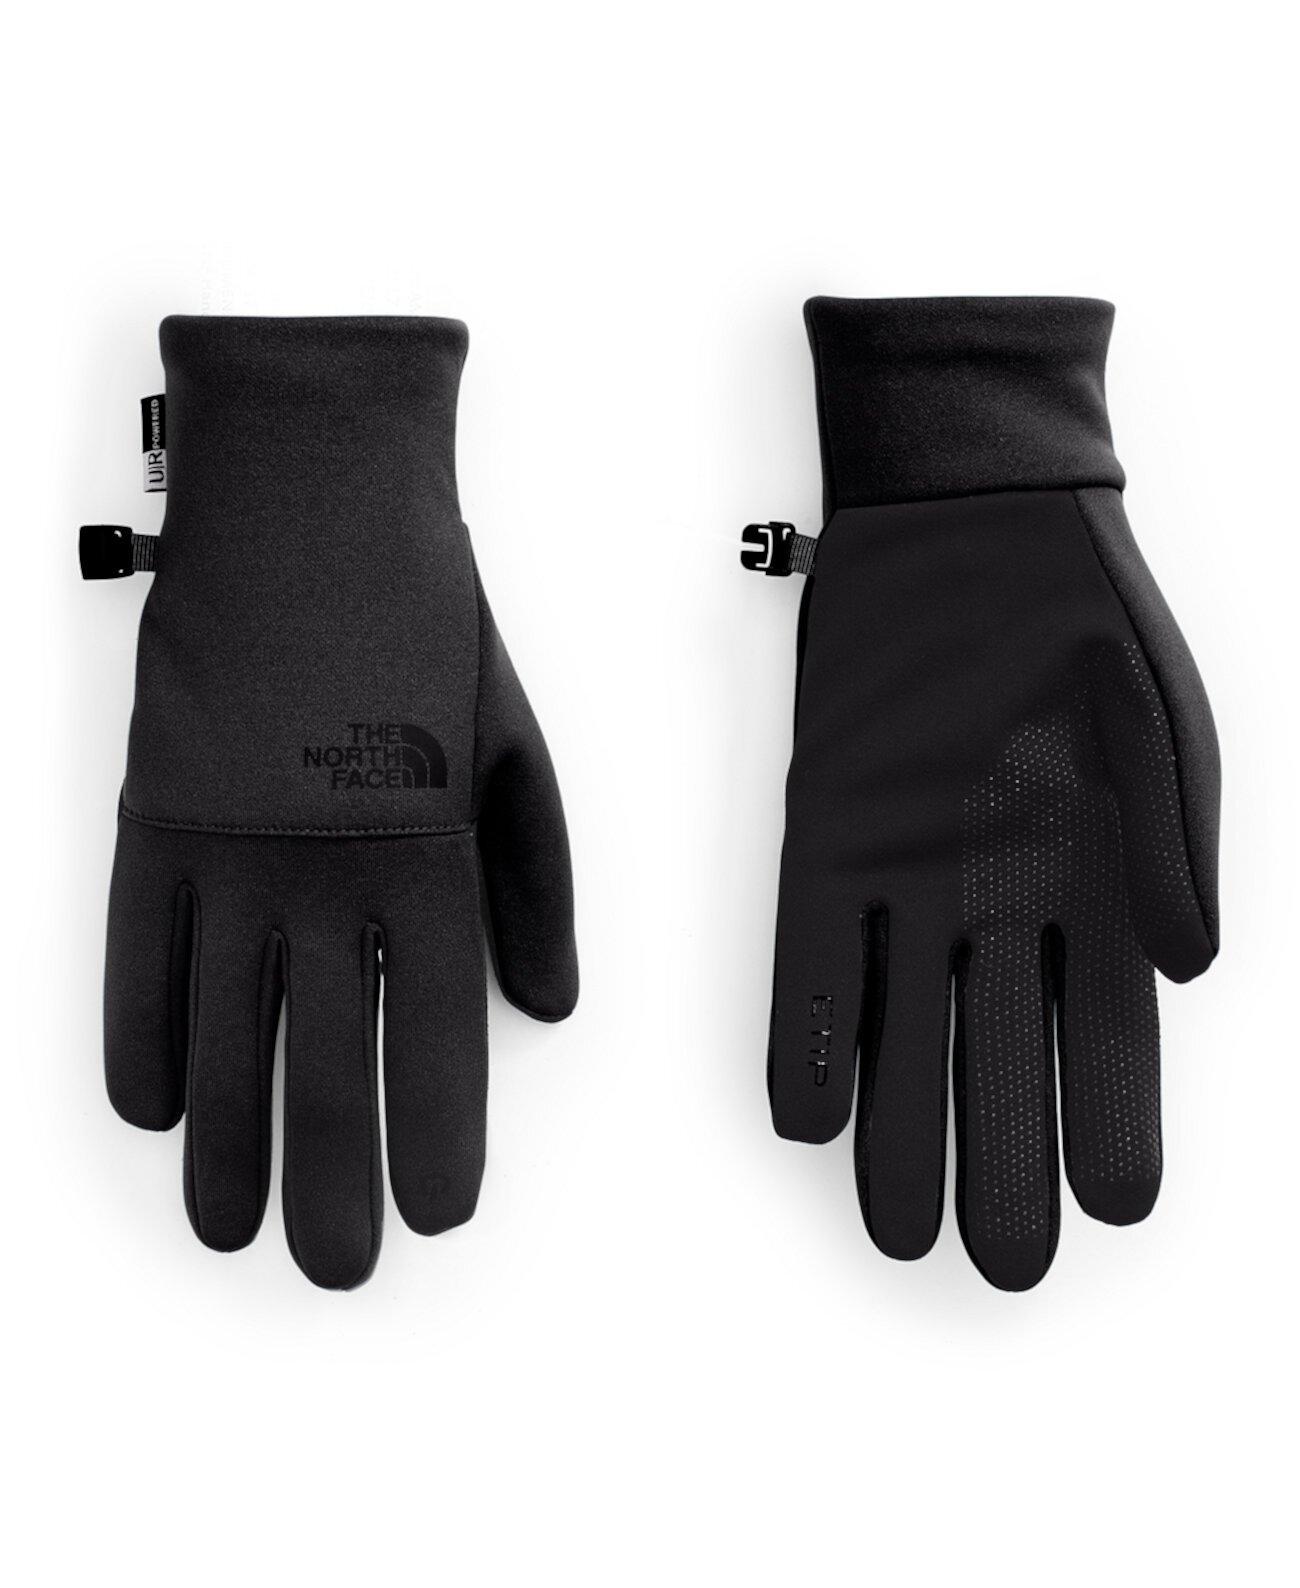 Мужская перчатка Etip The North Face